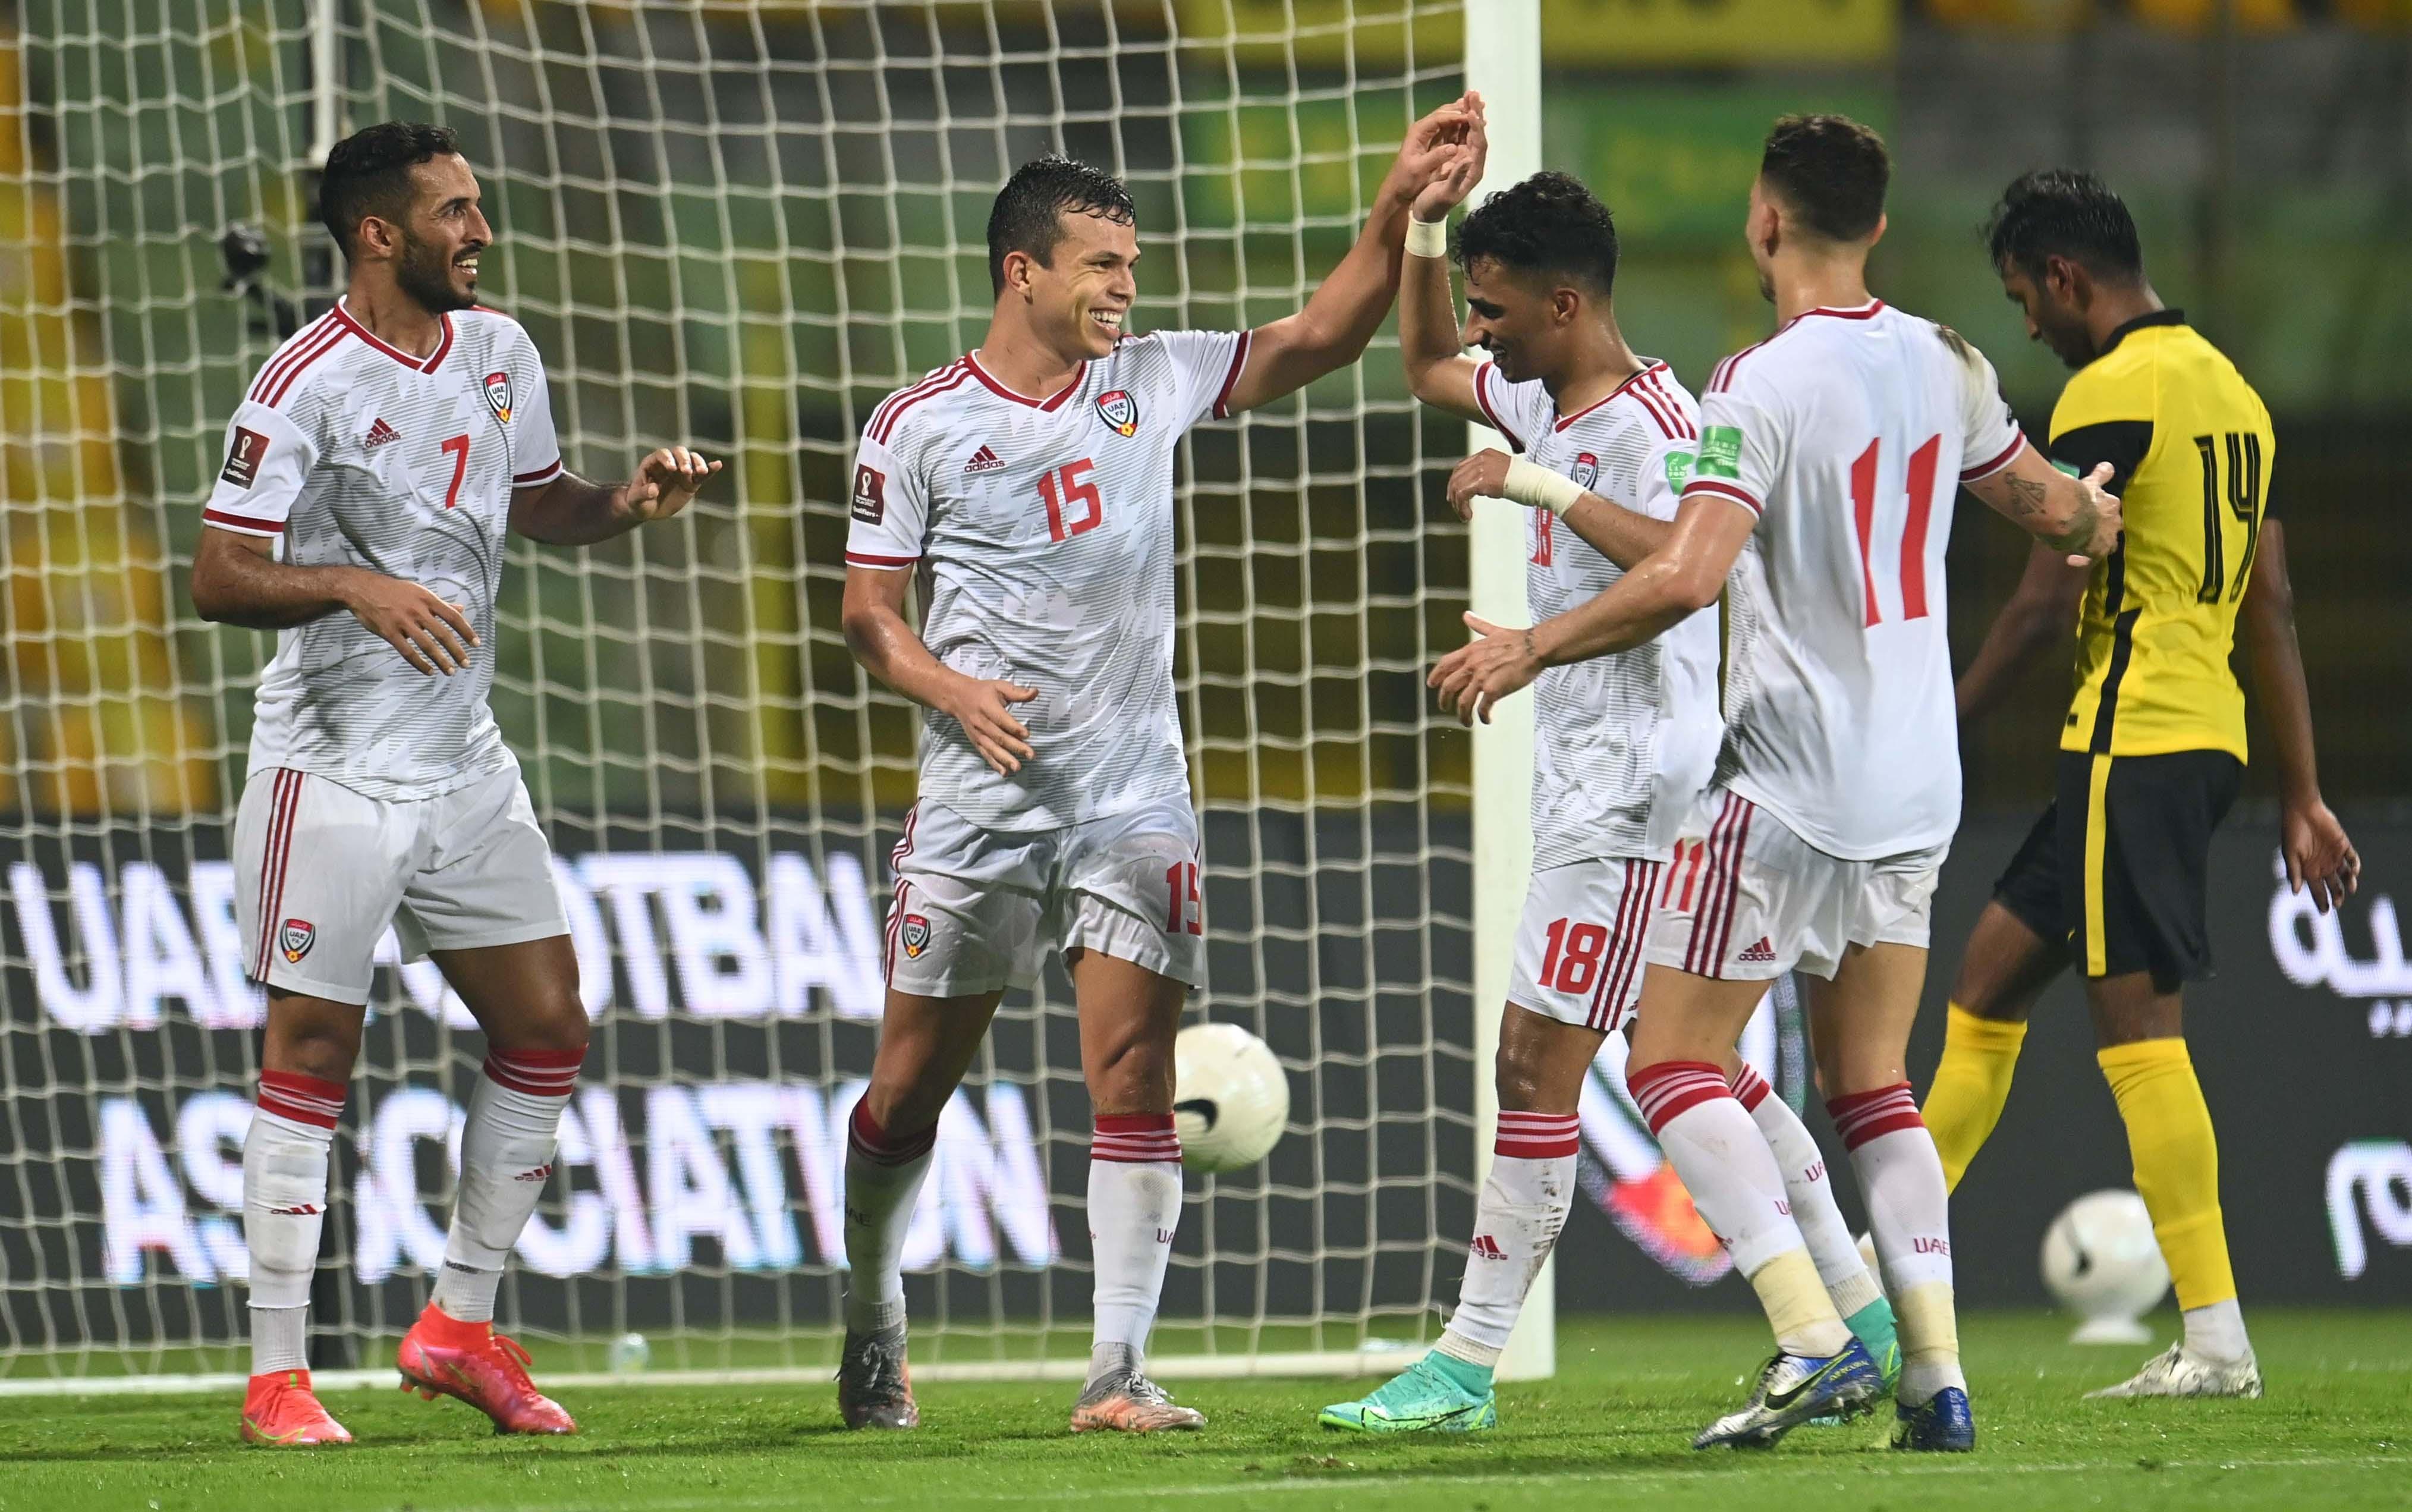 Thua UAE 1-3, Thái Lan hết hy vọng đi tiếp -0